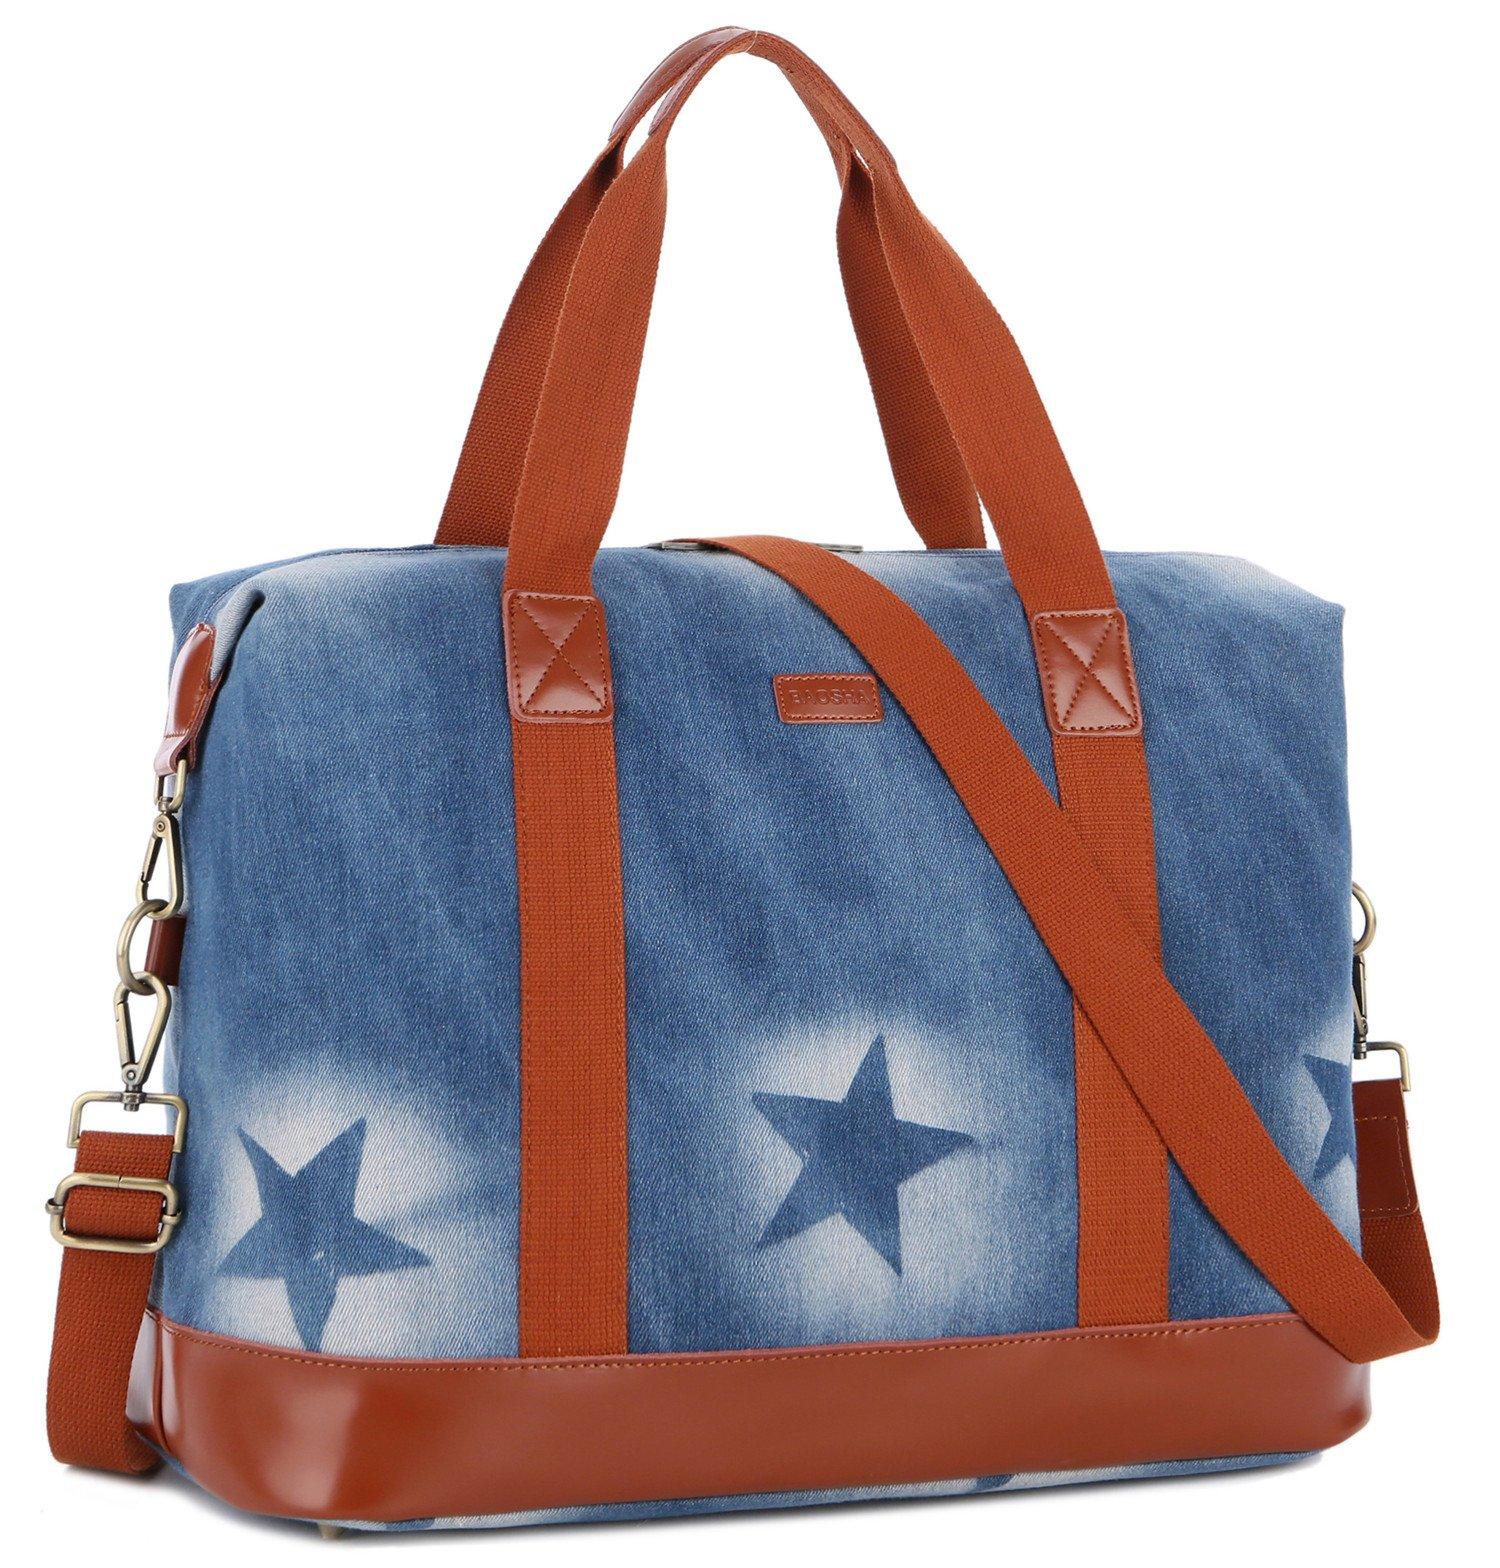 BAOSHA HB-28 Women Ladies Weekender Bag Overnight Carry-on Tote Duffel in Trolley Handle (Blue Star)